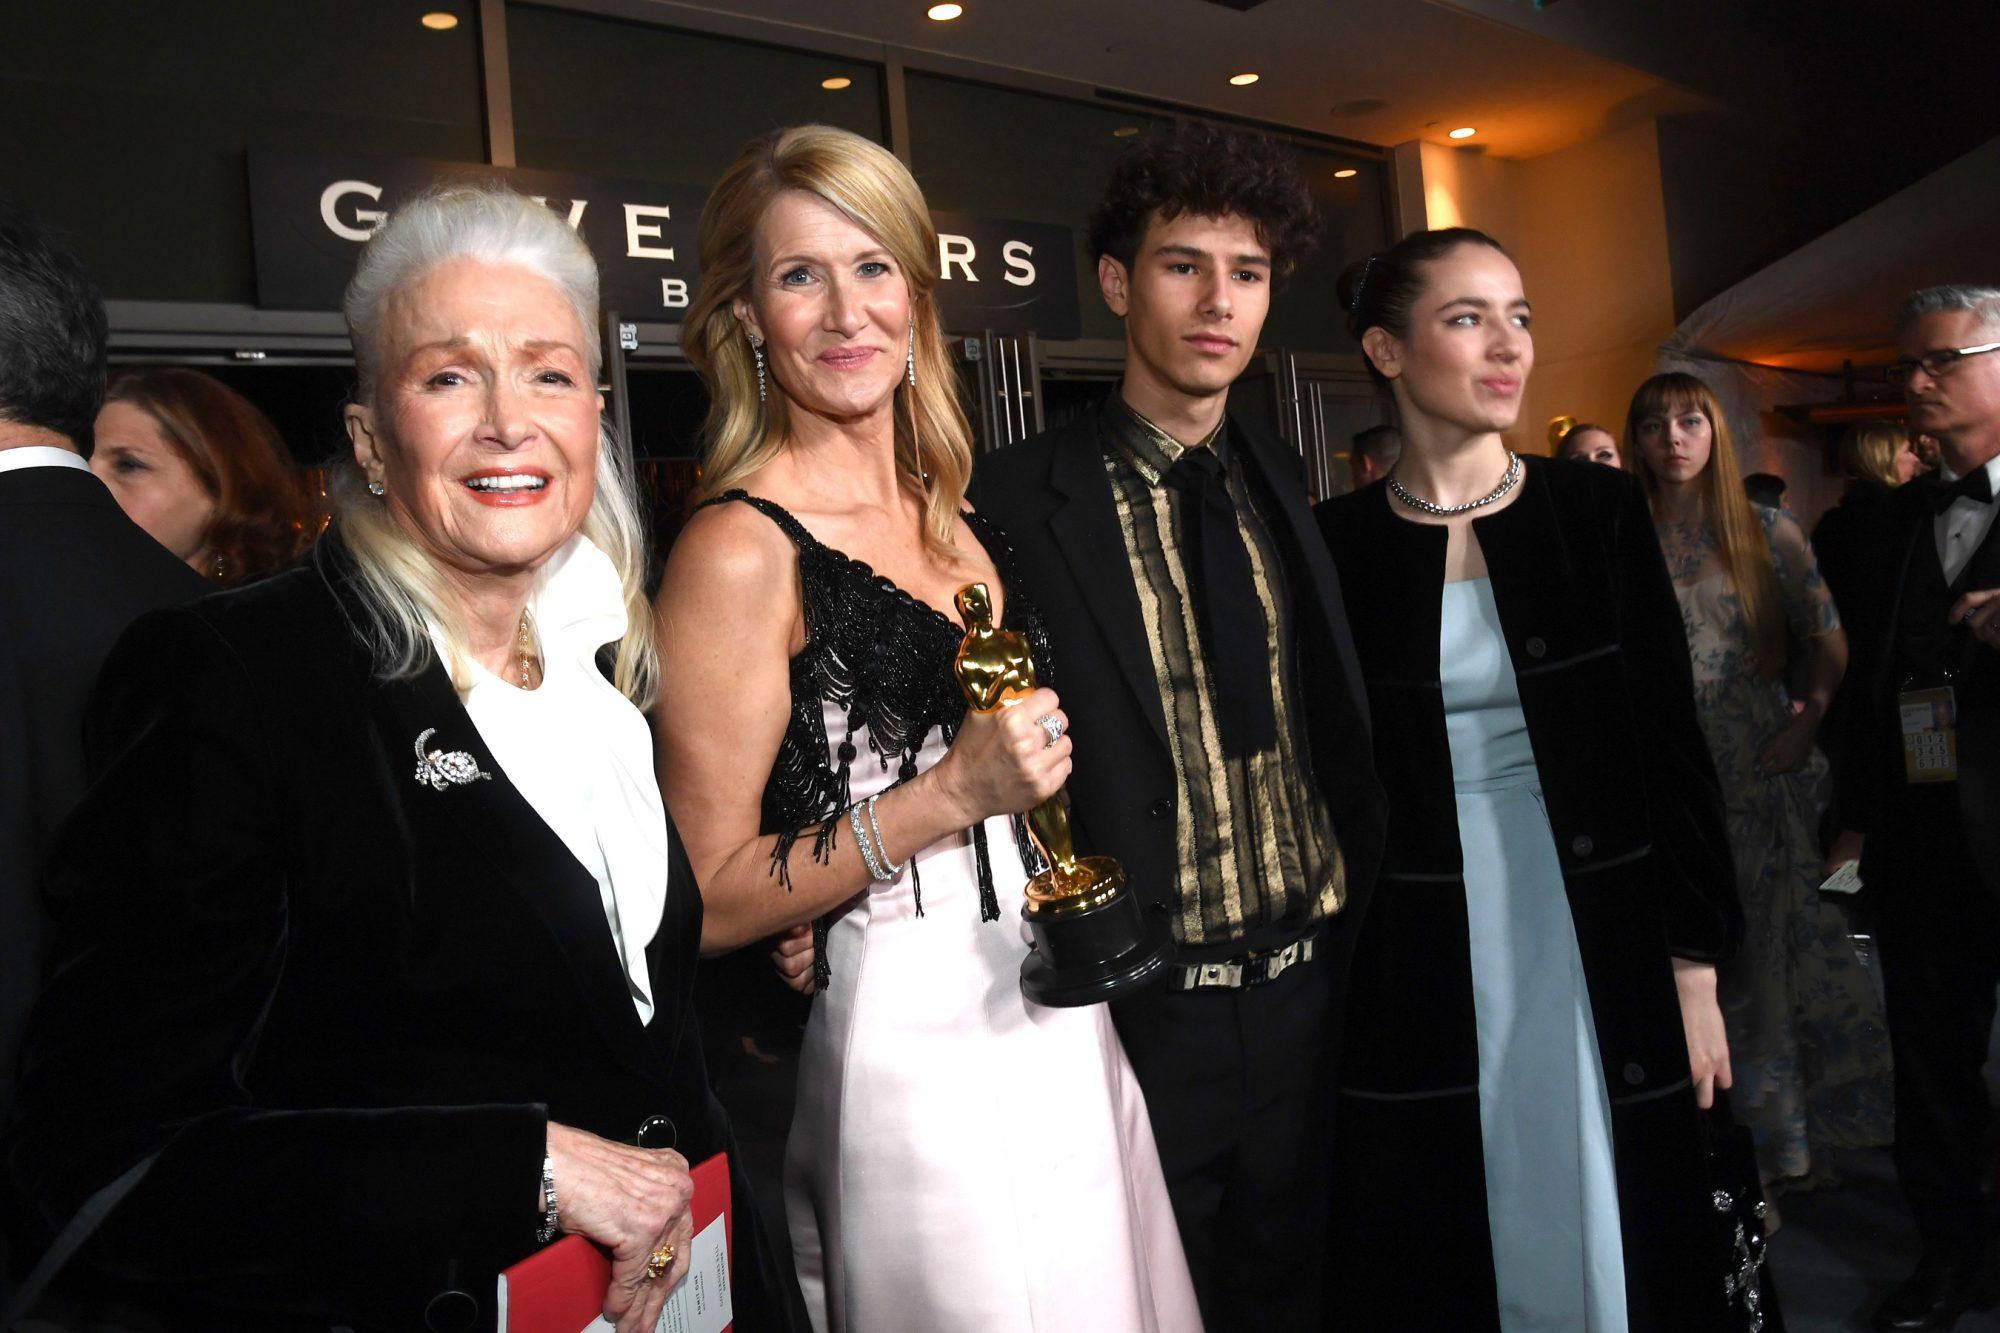 Diane Ladd, Laura Dern, Ellery Harper and Jaya Harper